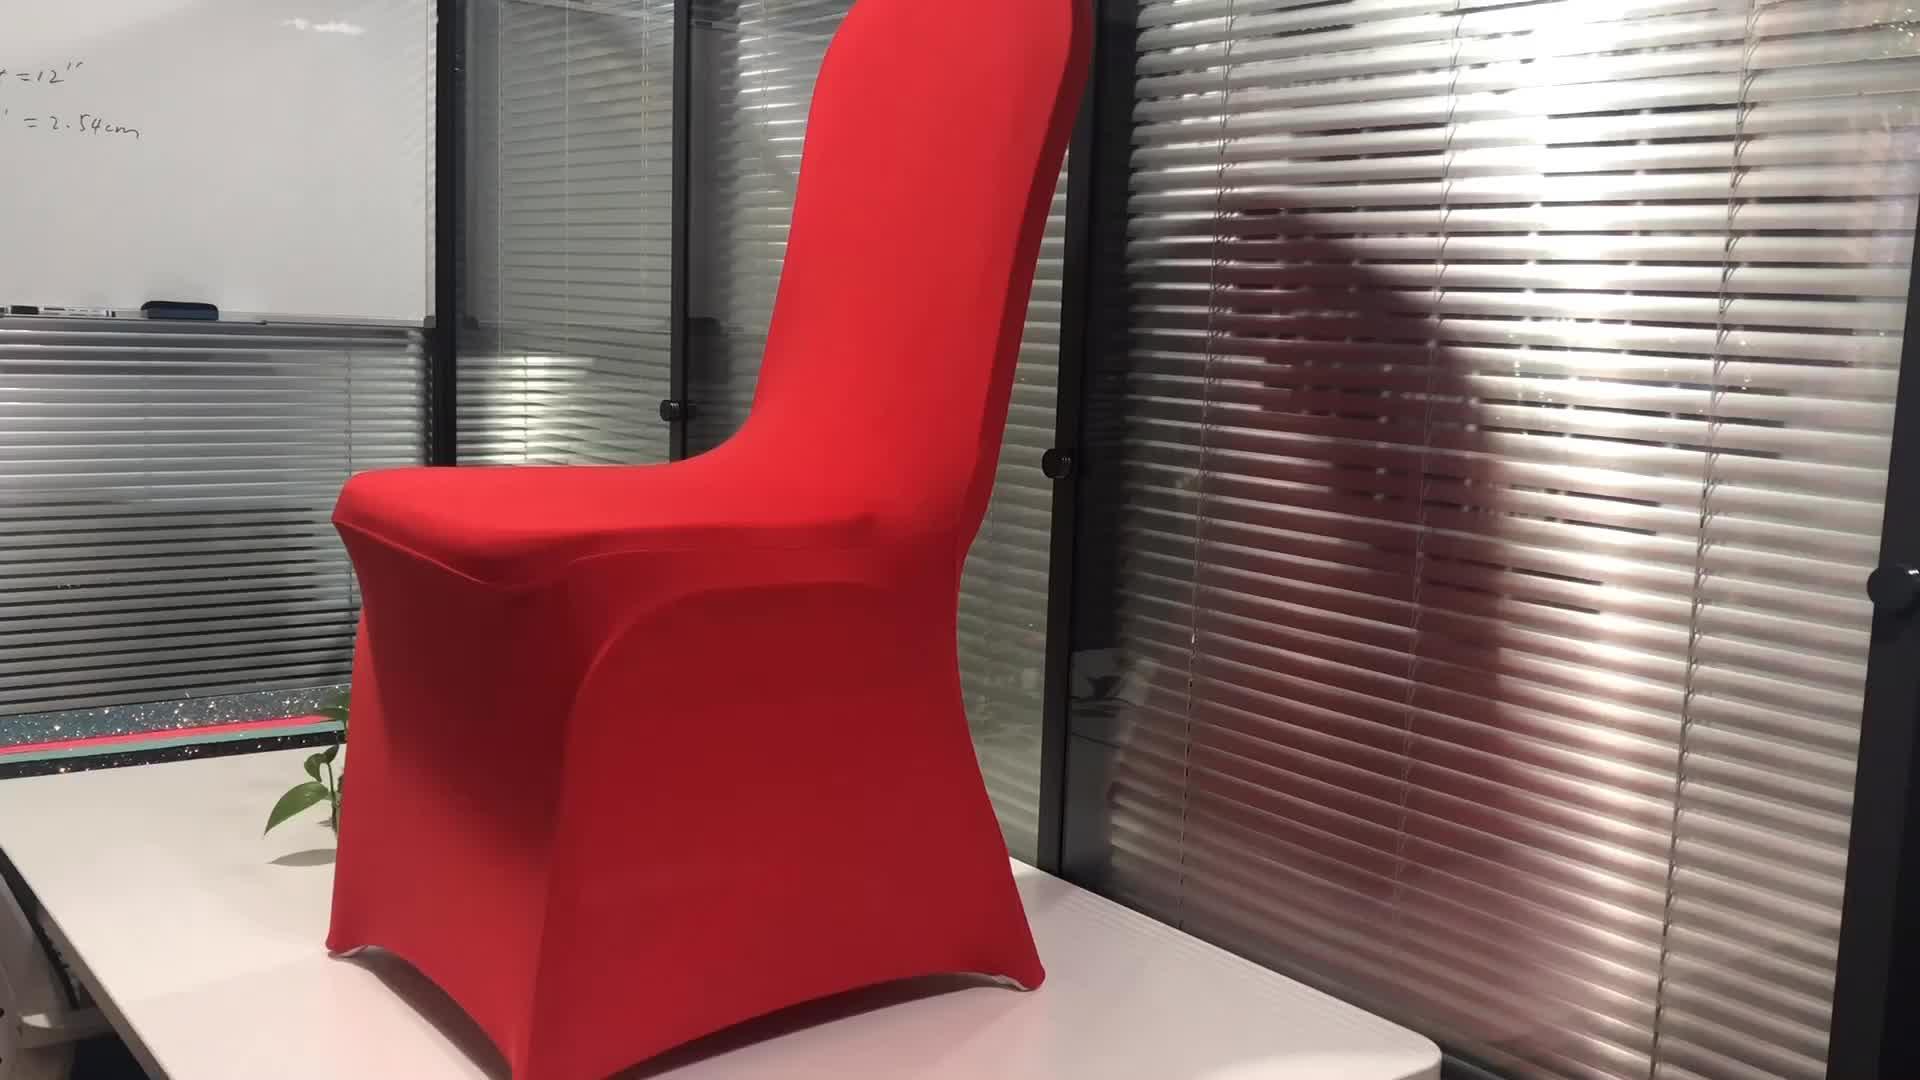 Caldo poco costoso della fabbrica di cerimonia nuziale del partito di festa di natale di alta elastico spandex nero sedia bianca copre